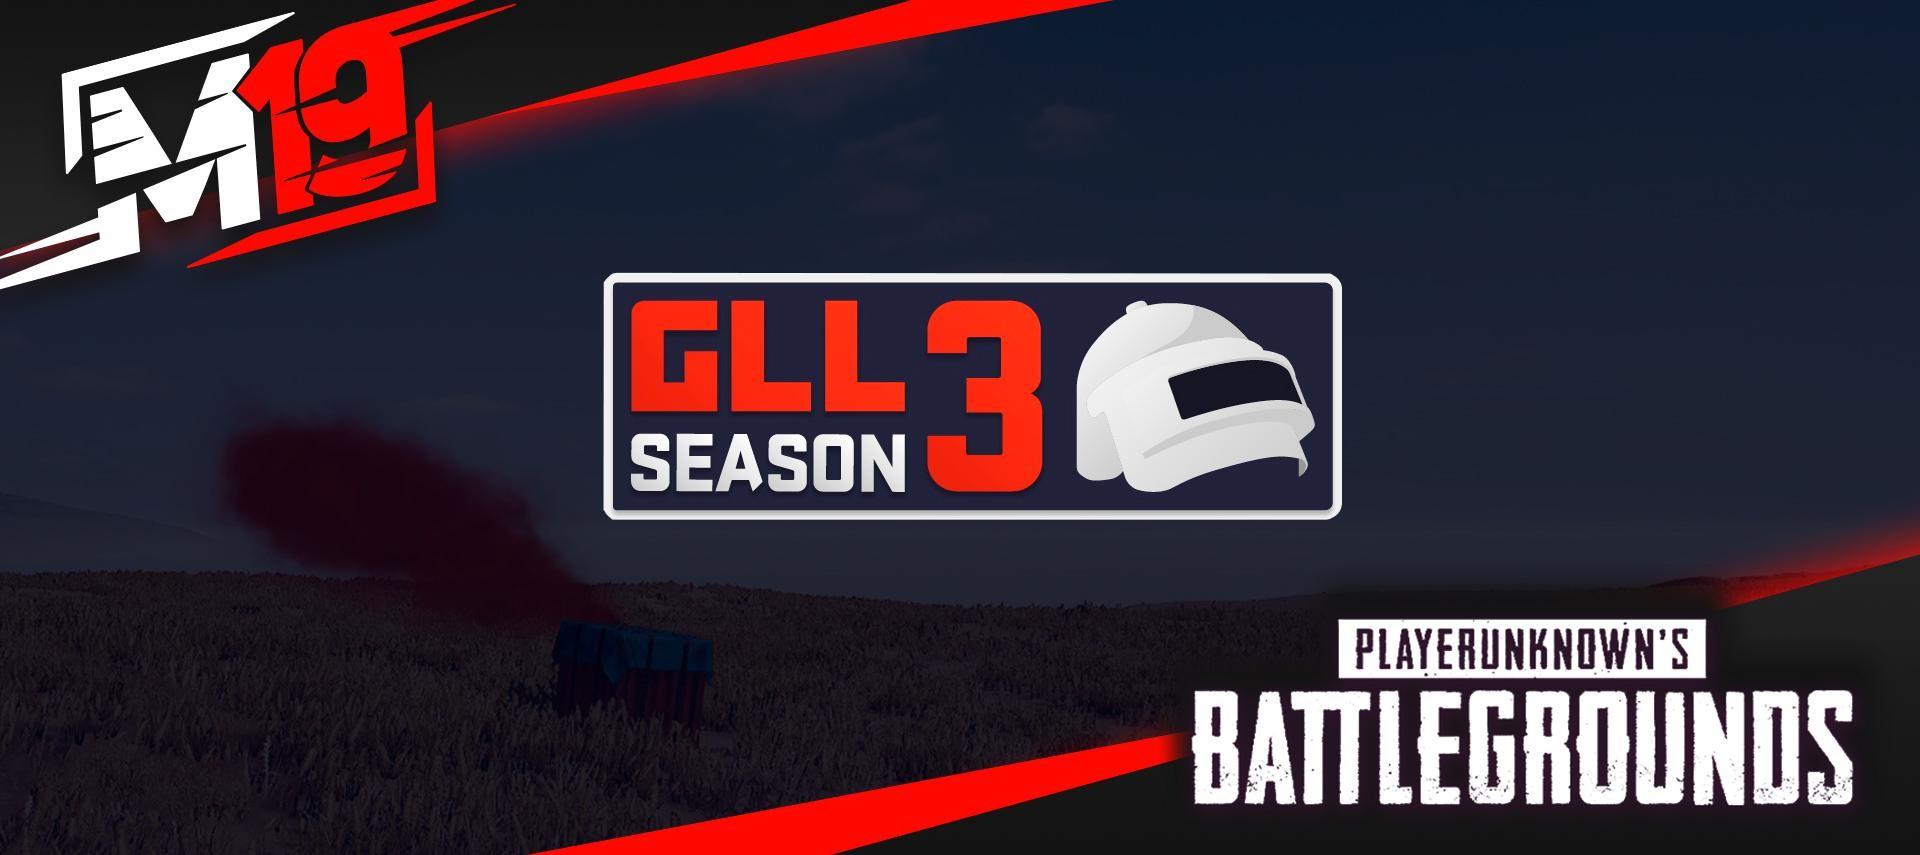 gll 3 season